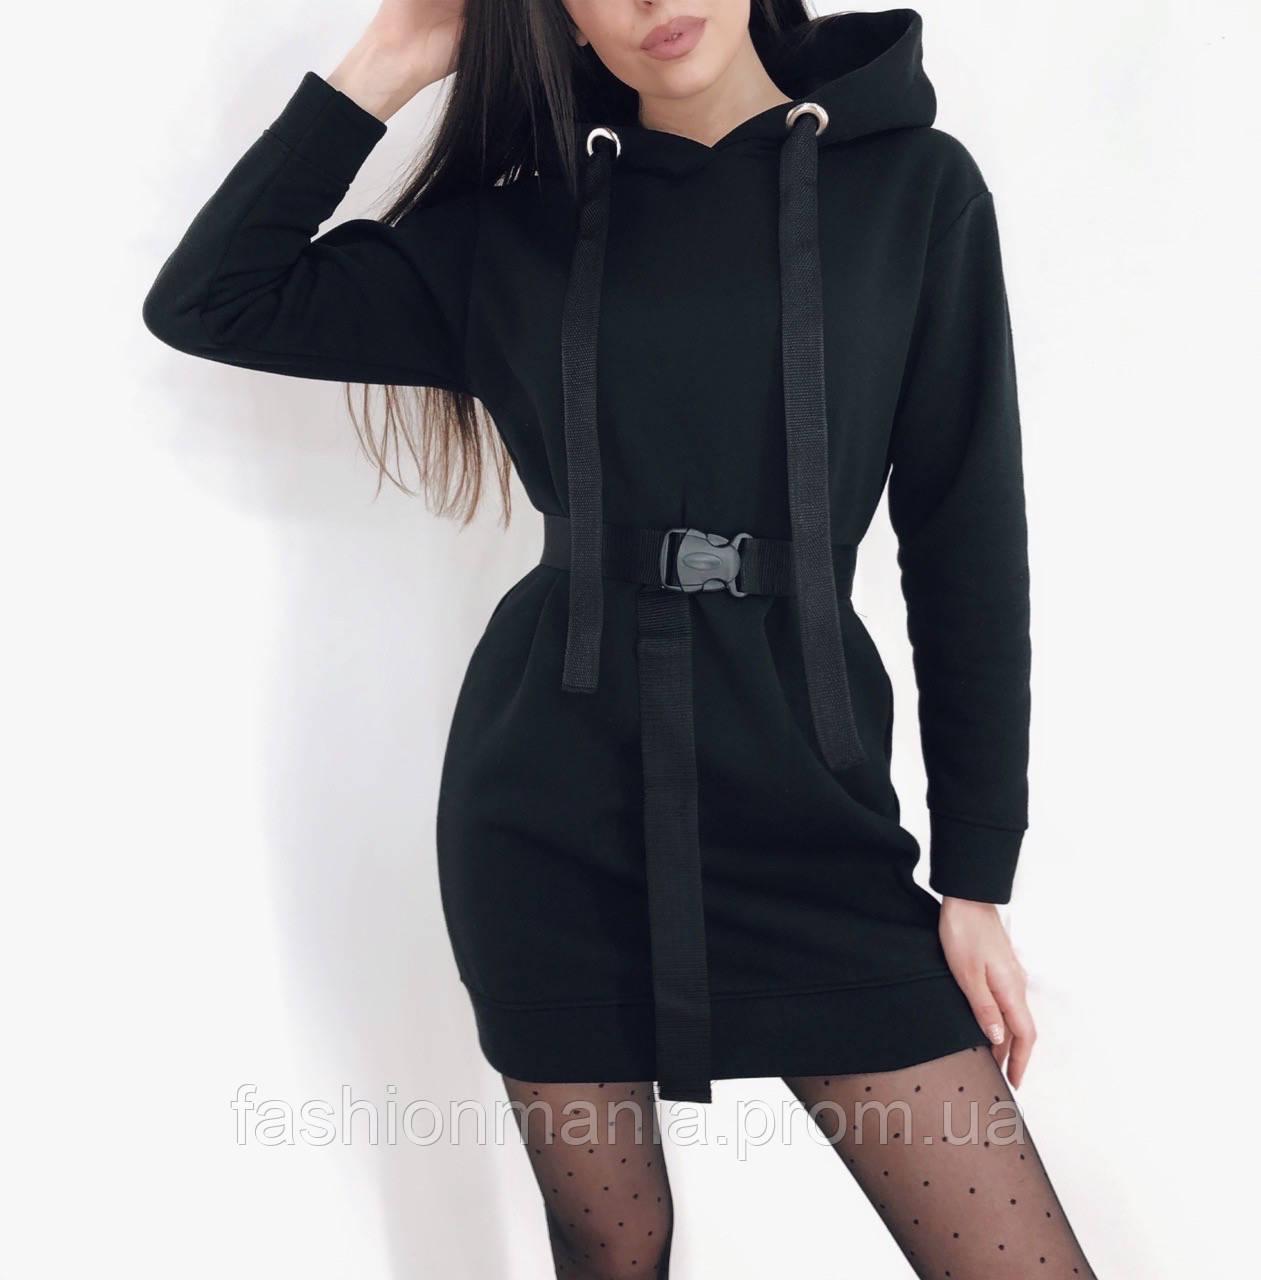 Платье туника с поясом чёрное, хаки